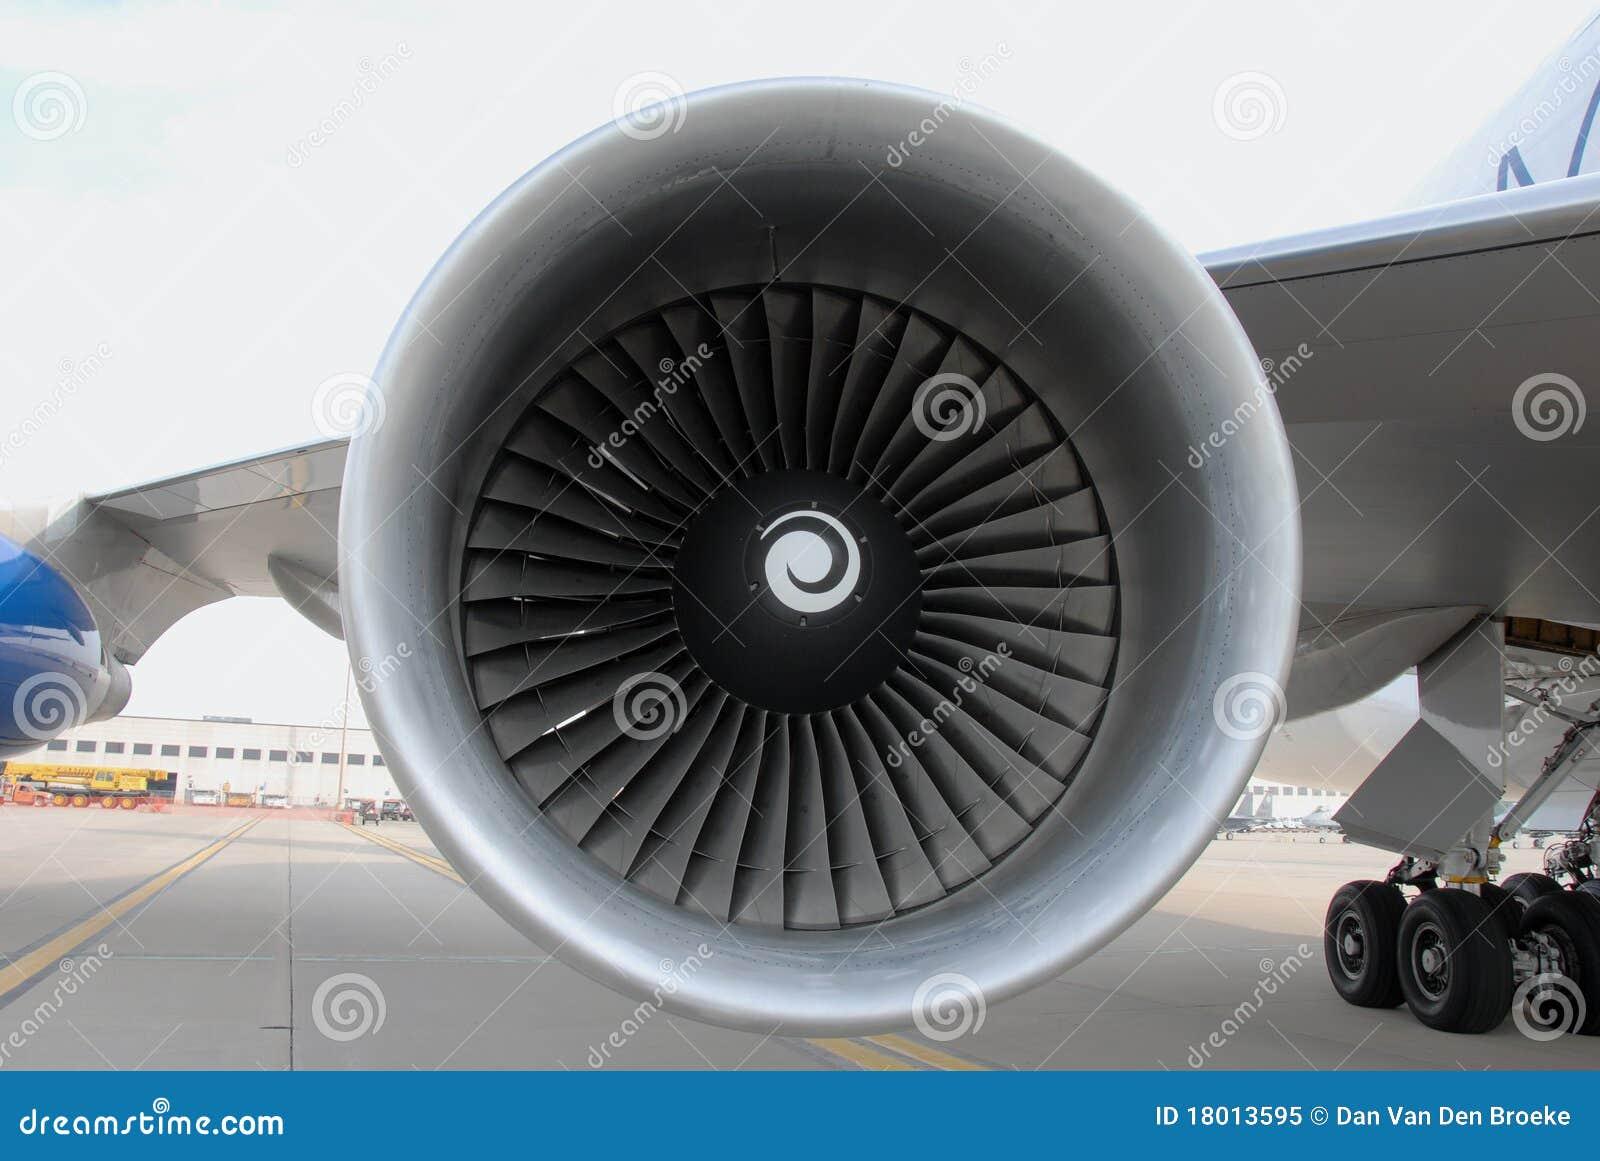 jet engine turbine and-#3